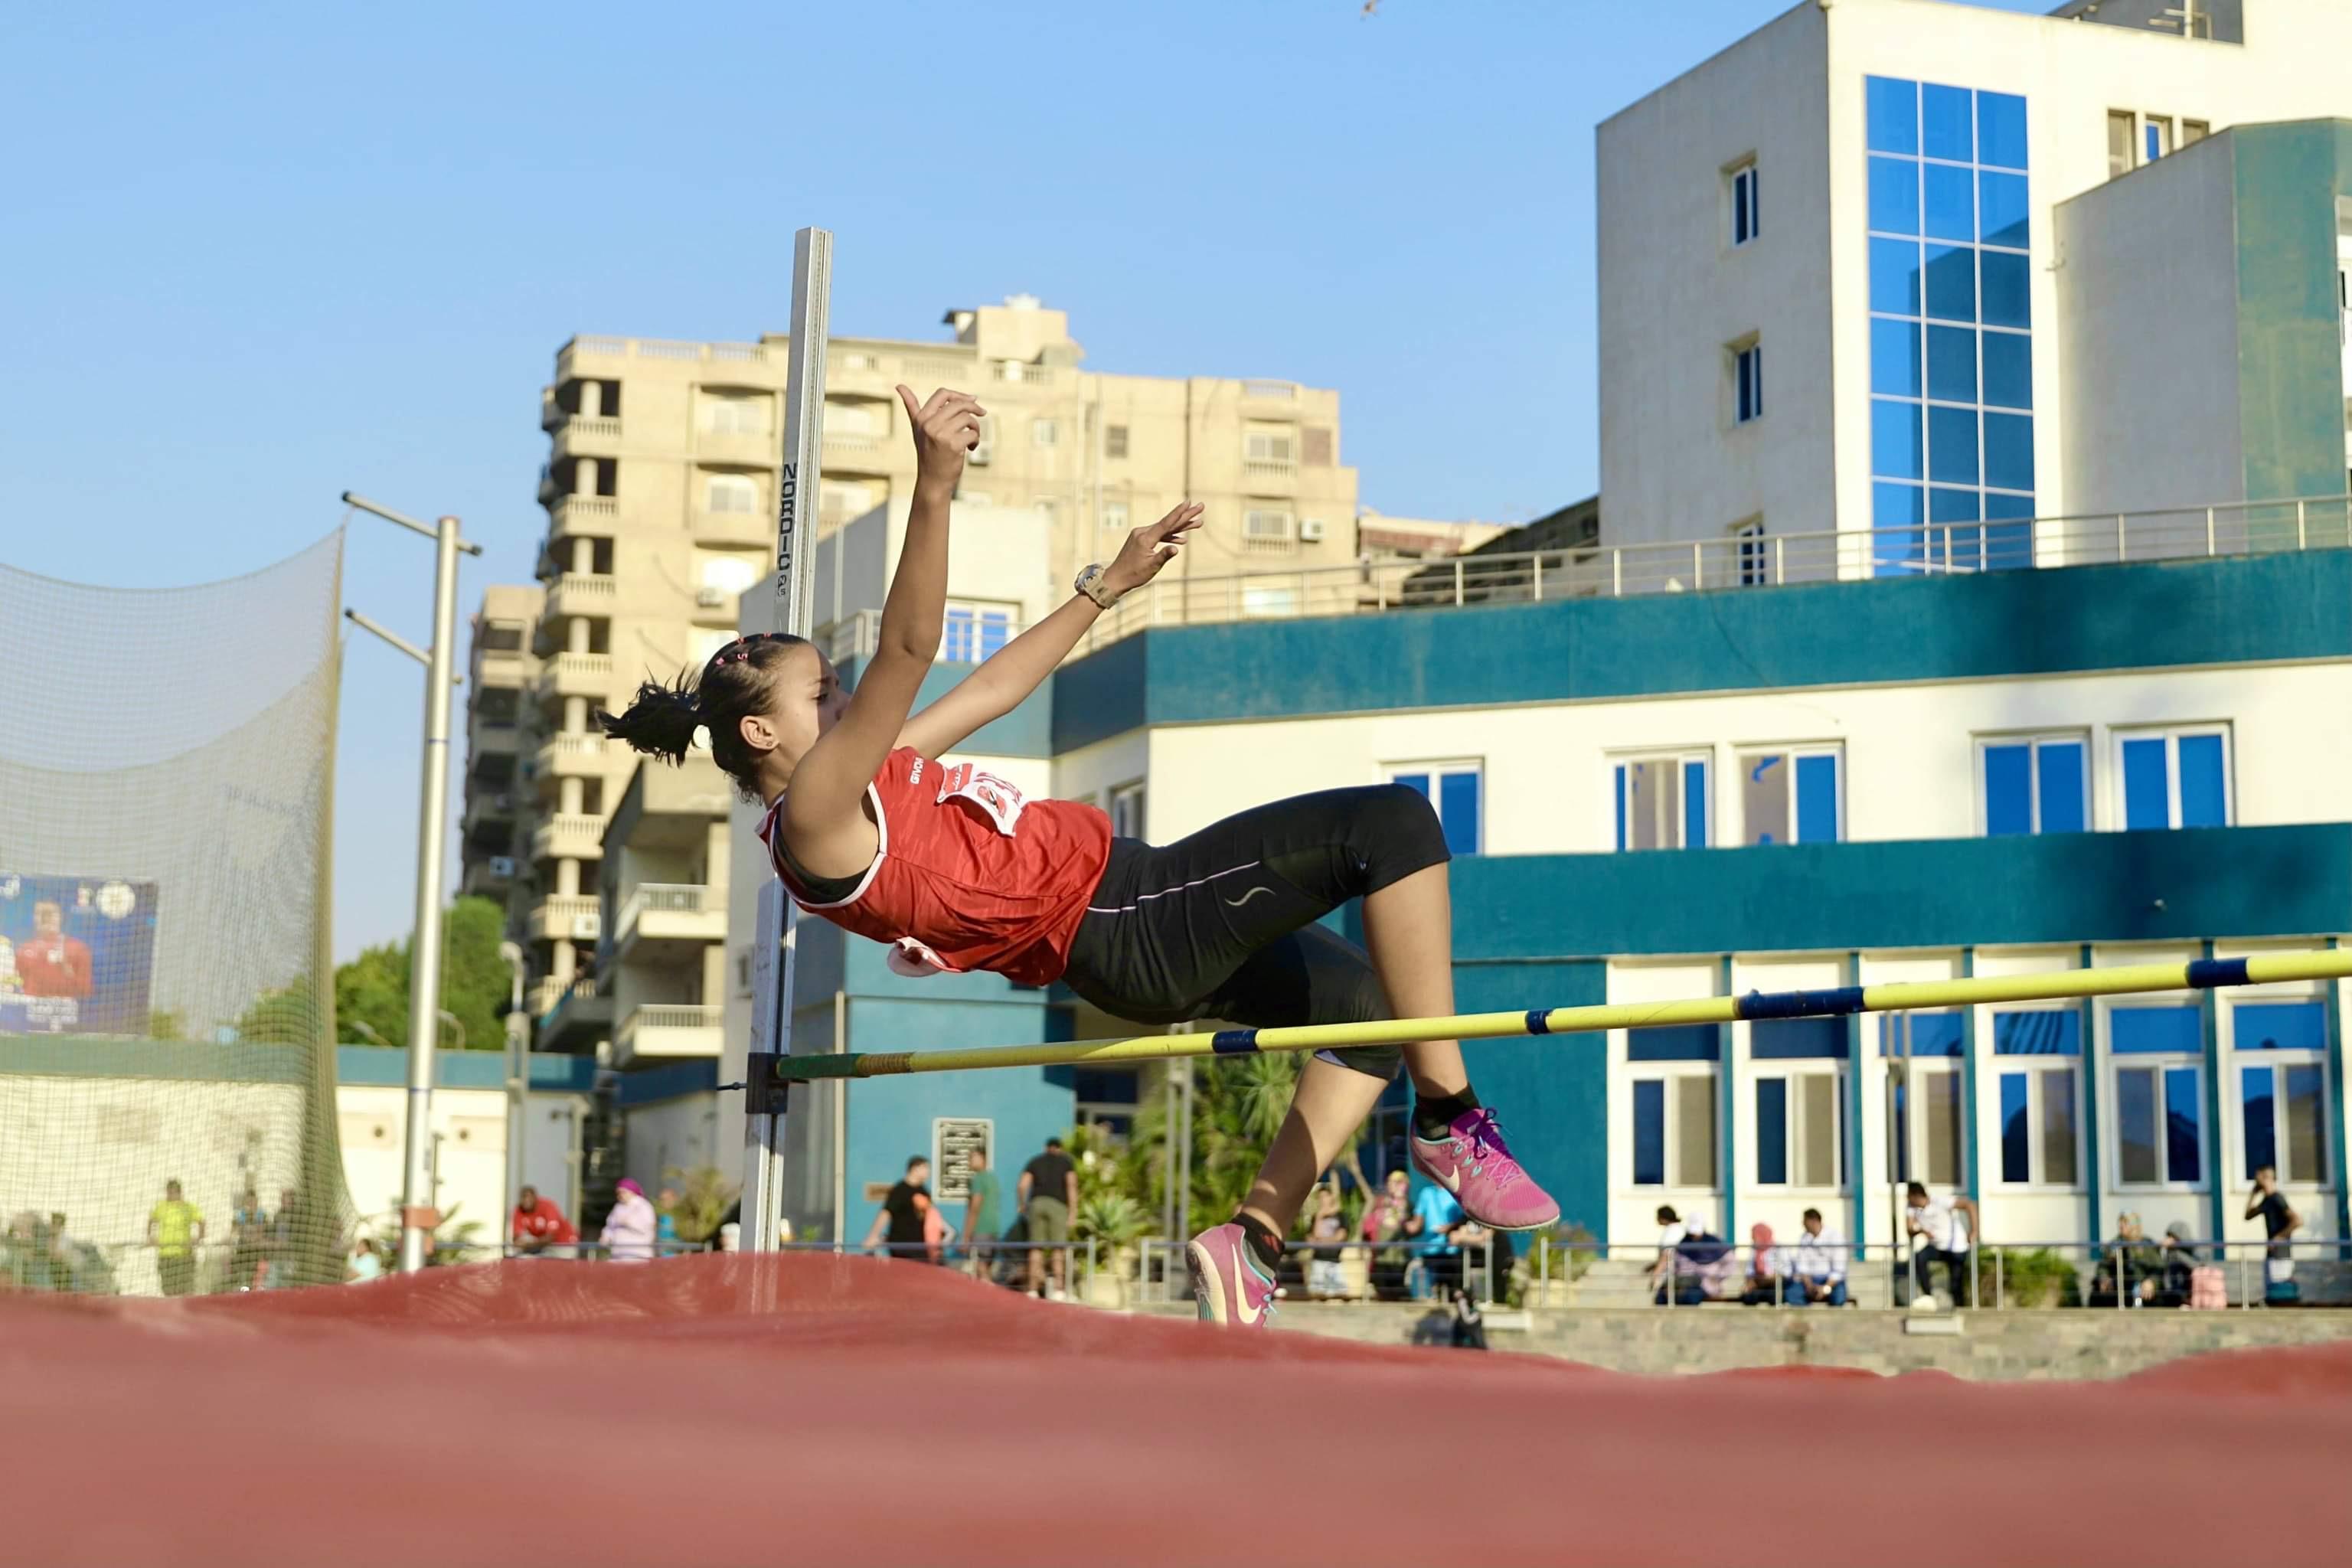 ألعاب قوى الأهلي  فرق النادي تحصد بطولة منطقة القاهرة تحت 16 و20 عامًا